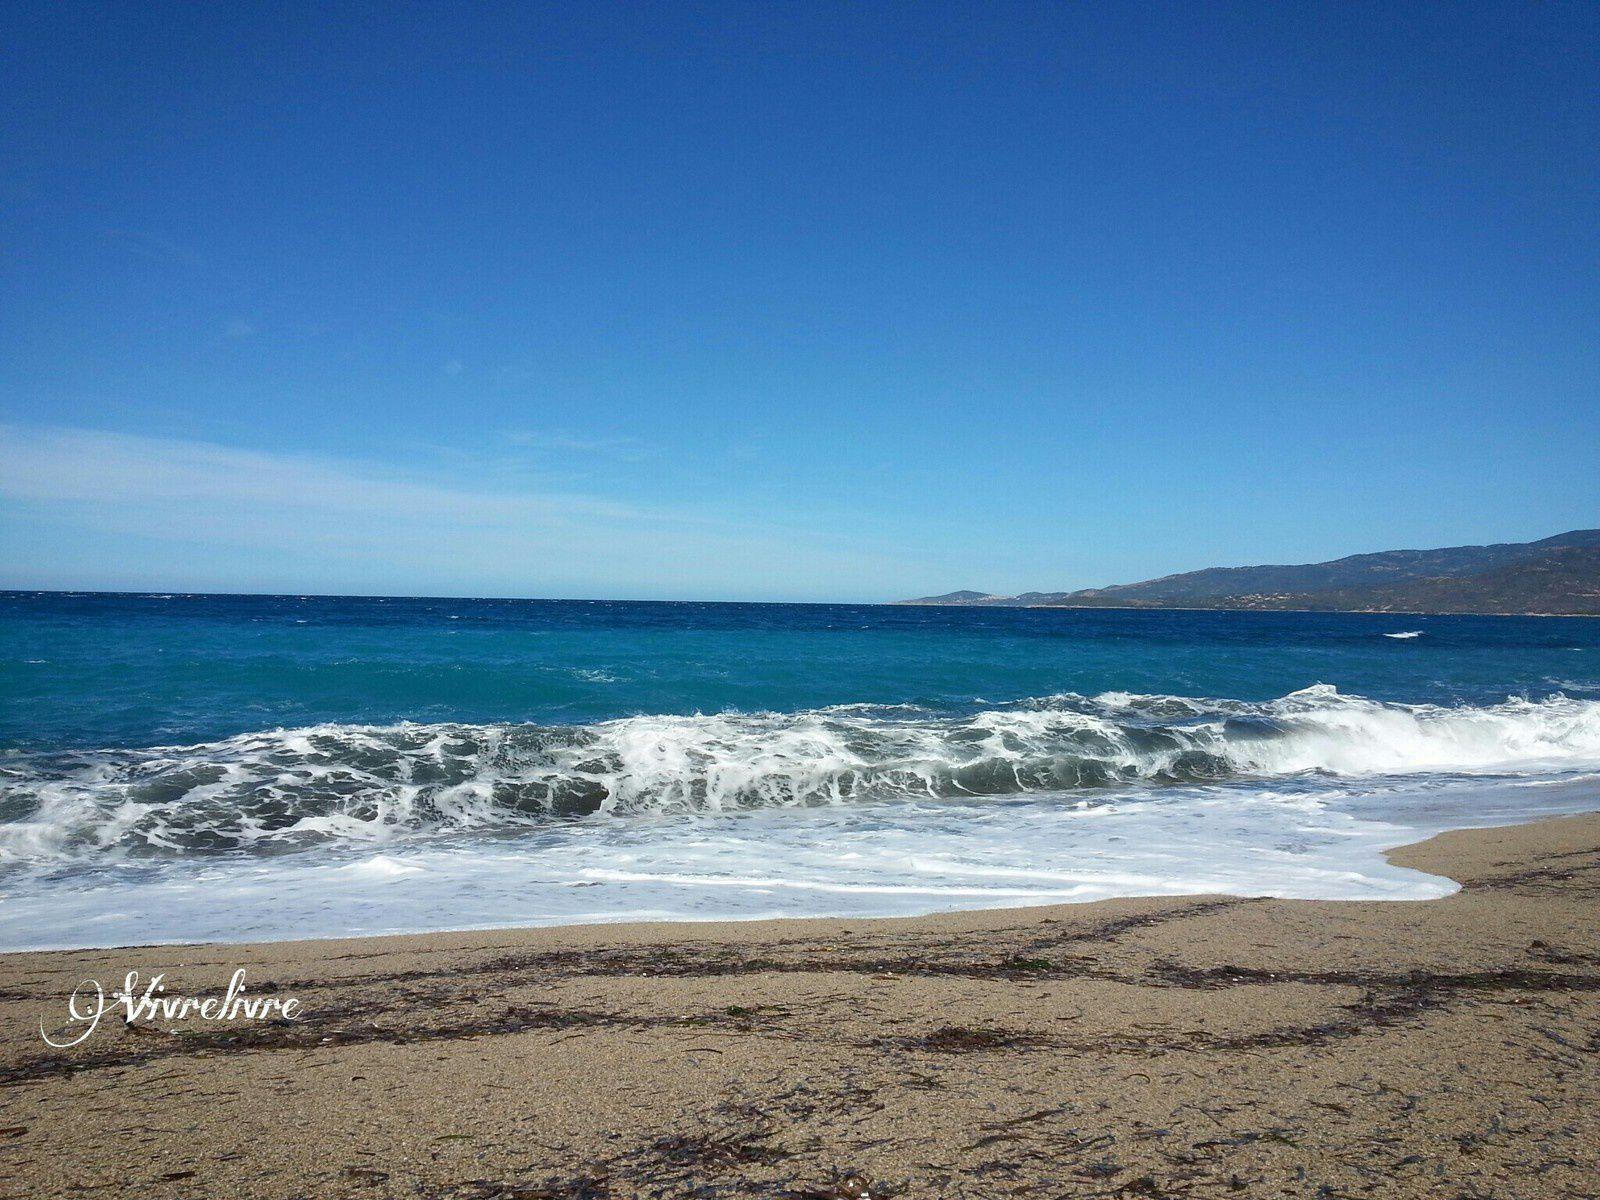 Golfe de Sagone - Corse du Sud (août 2016)